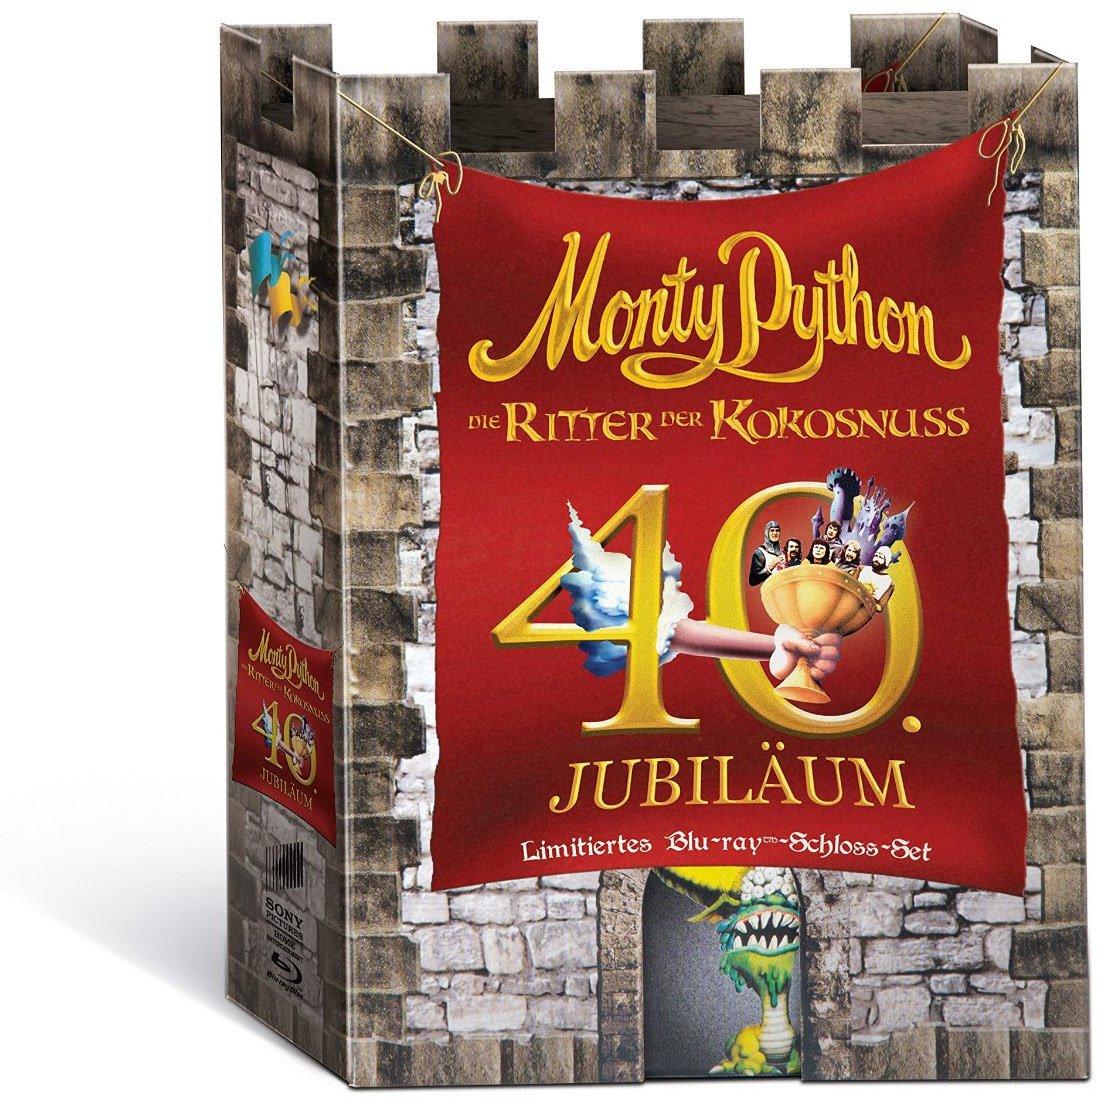 Monty Python - Die Ritter der Kokosnuss (Anniversary Edition Specialty Box) (Bluray) für 15,97€ [Amazon Prime]